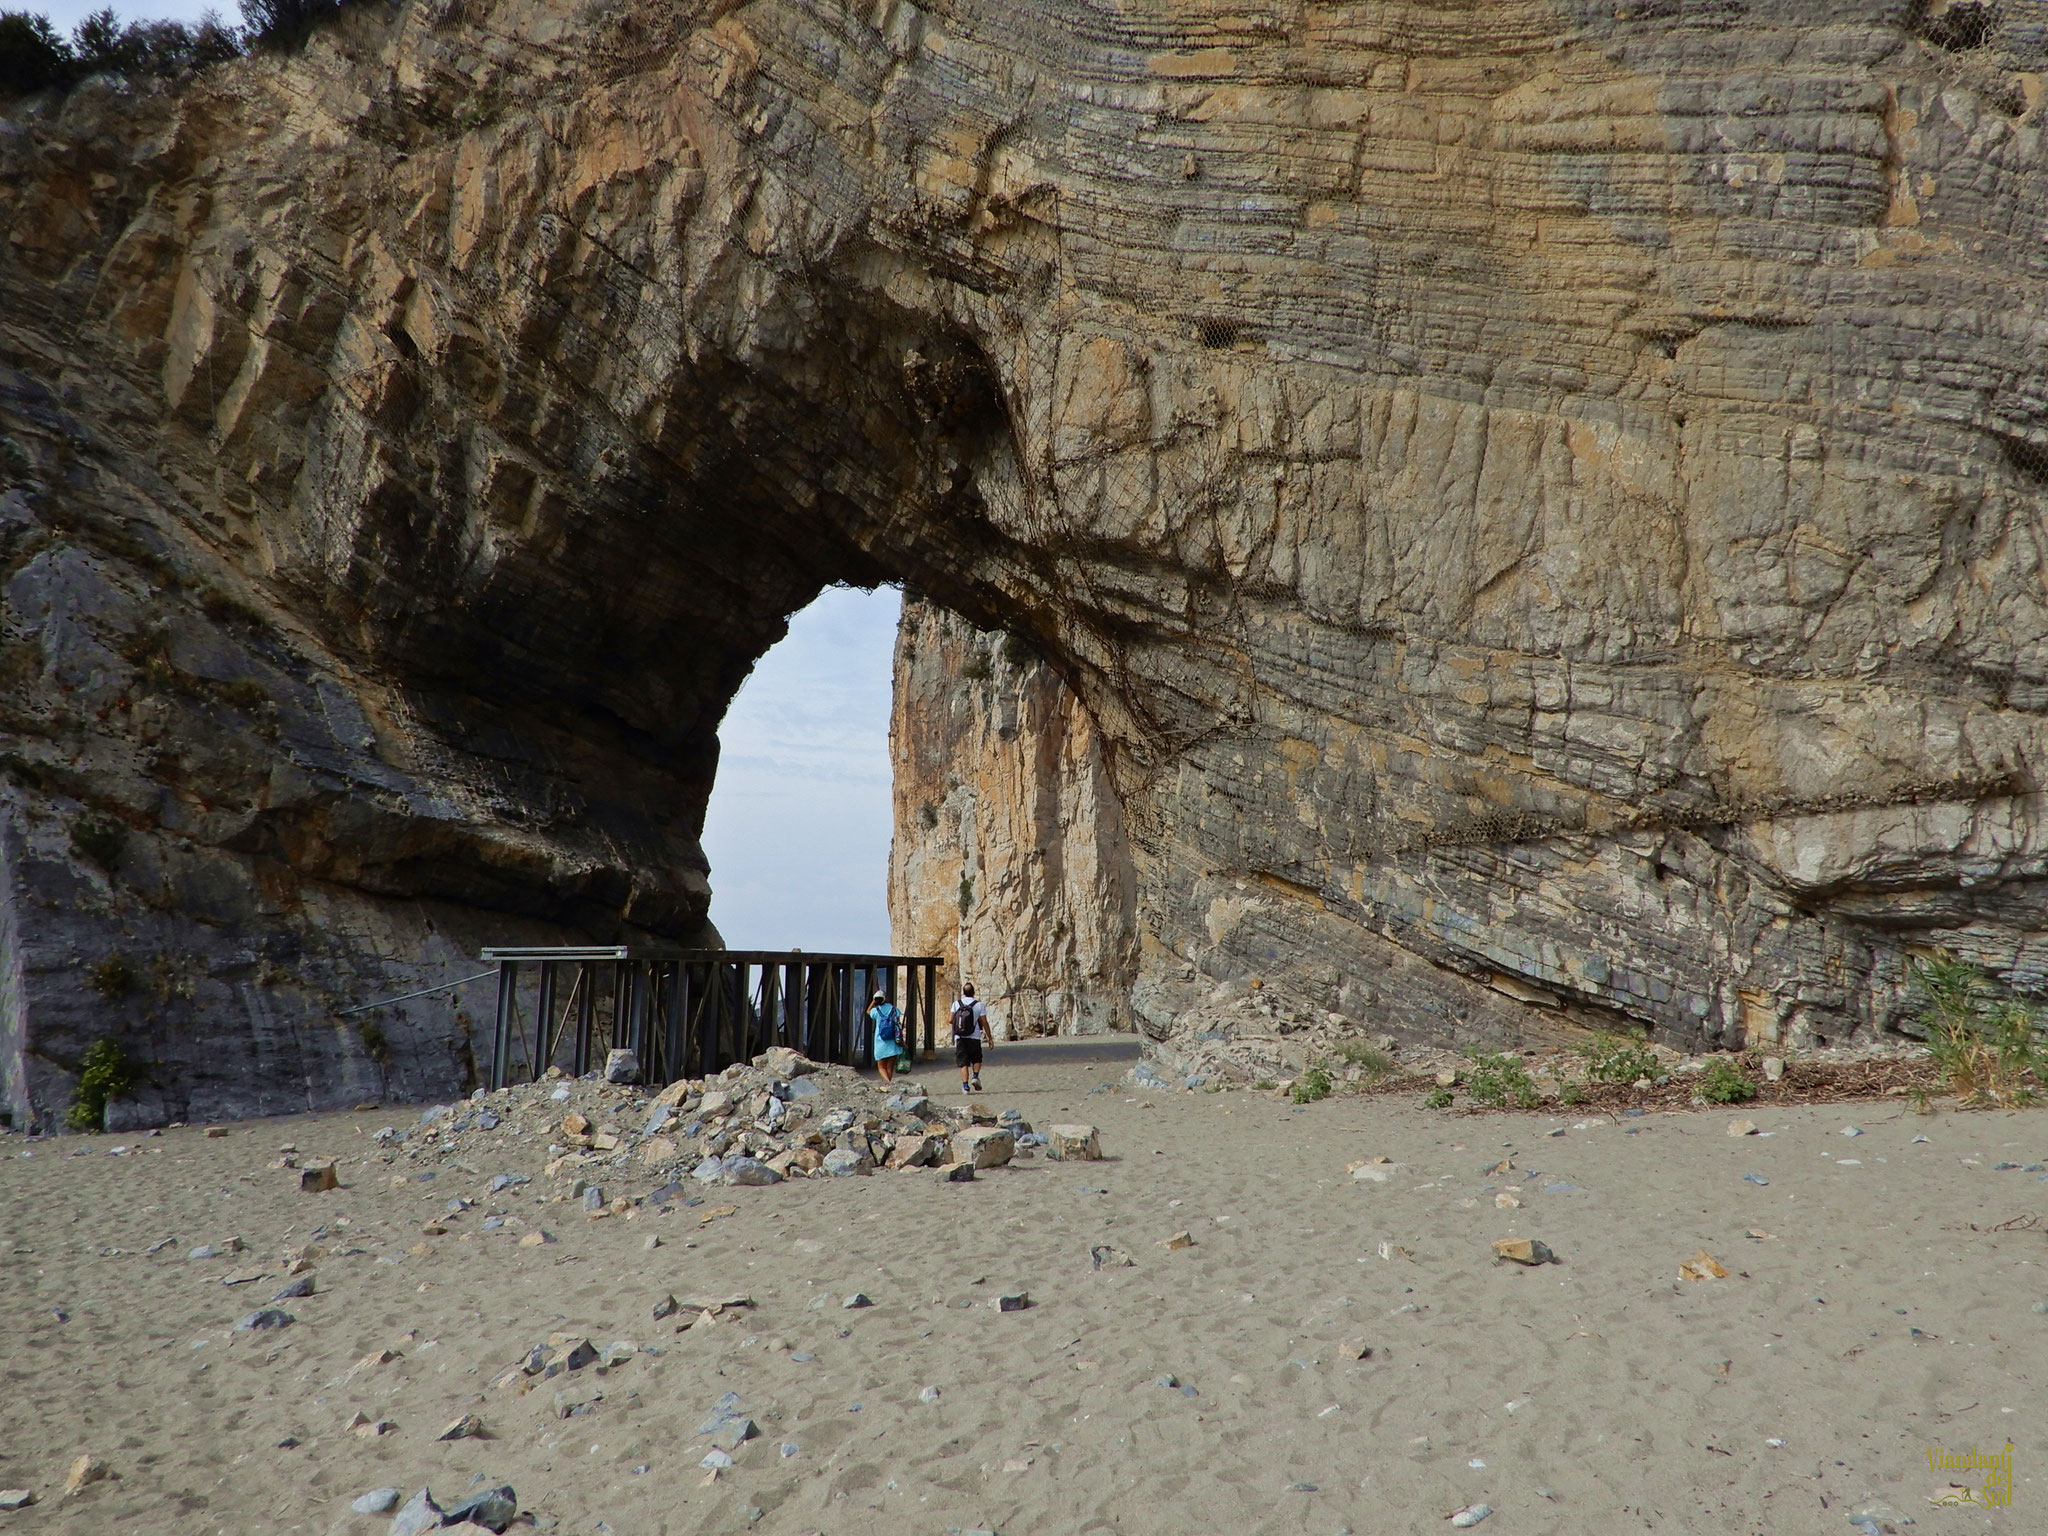 L'Arco Naturale di Palinuro è una maestosa formazione rocciosa che emerge dalle acque circostanti.